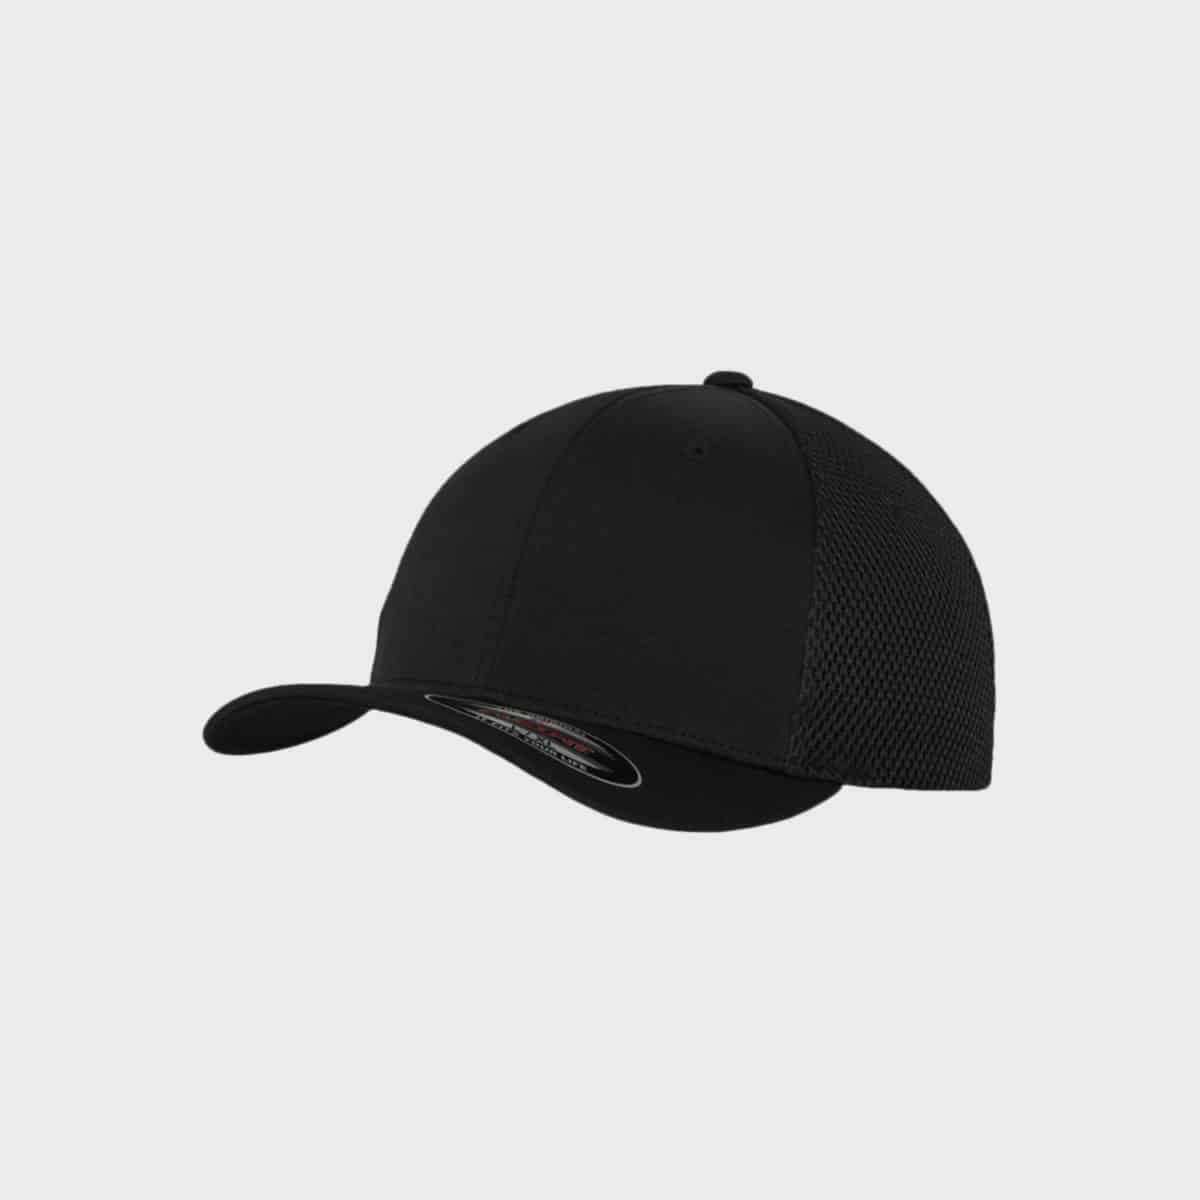 Flexfit FlexfitCaps FFE 6533 Black Front Side